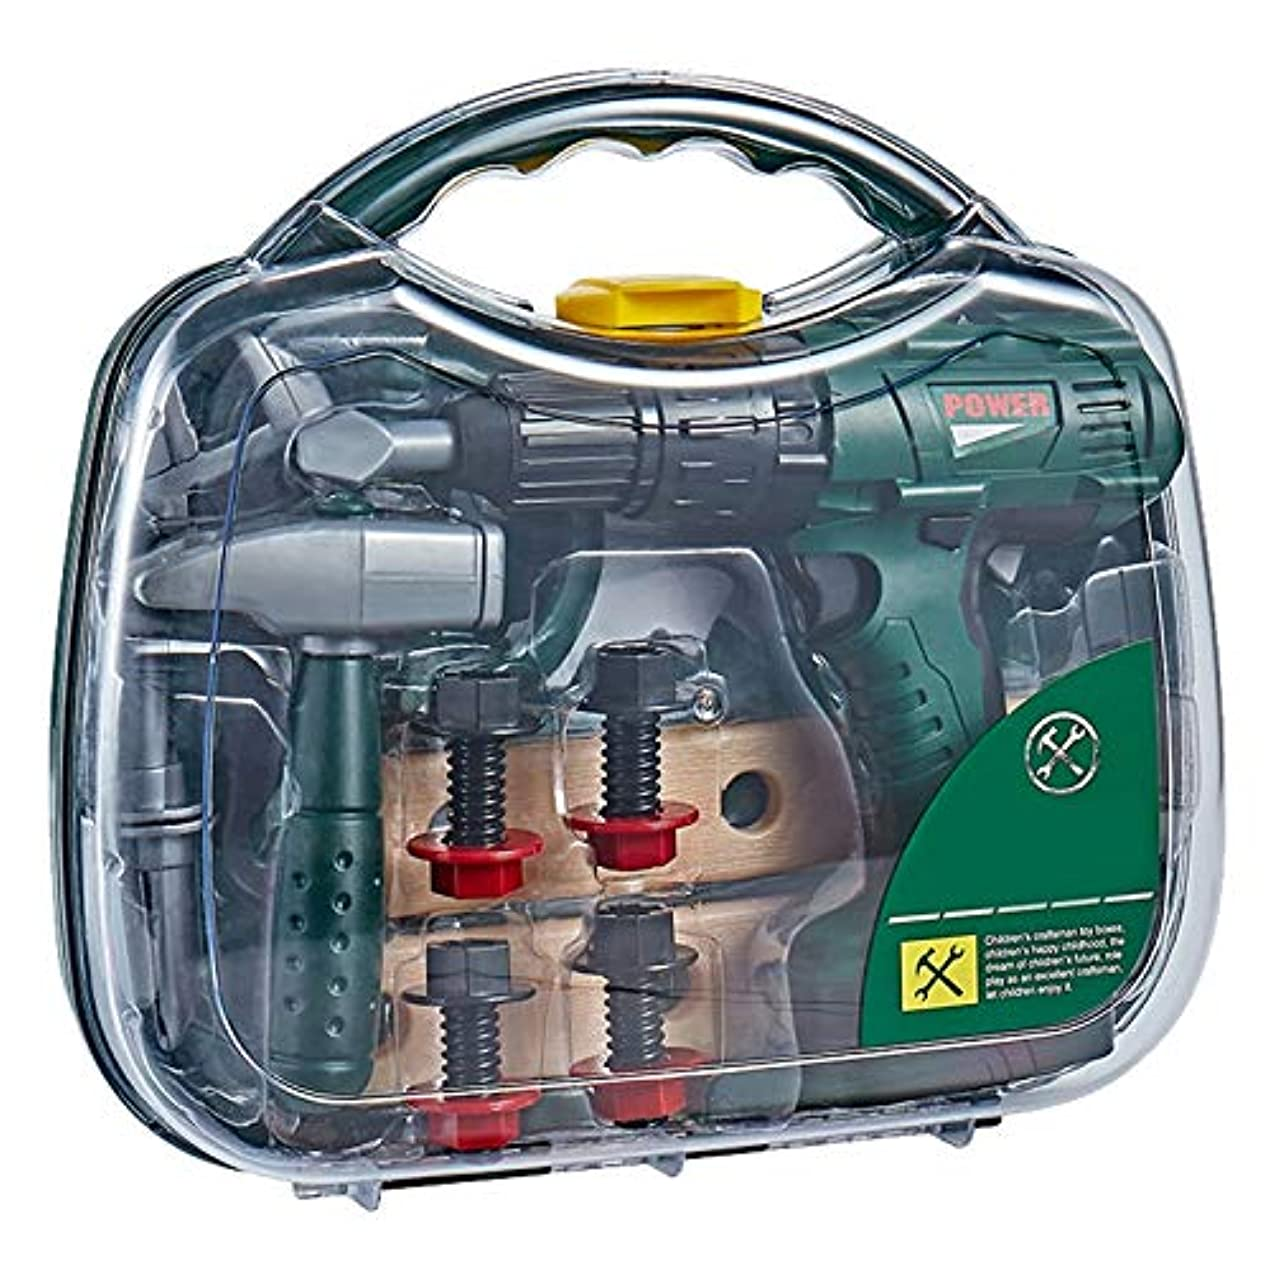 広告主野心ベリTimagebreze おもちゃ修理ツール おもちゃDIYプレイハウスシミュレーション電気メンテナンス教育玩具セット 子供および男の子用ギフトAS167986